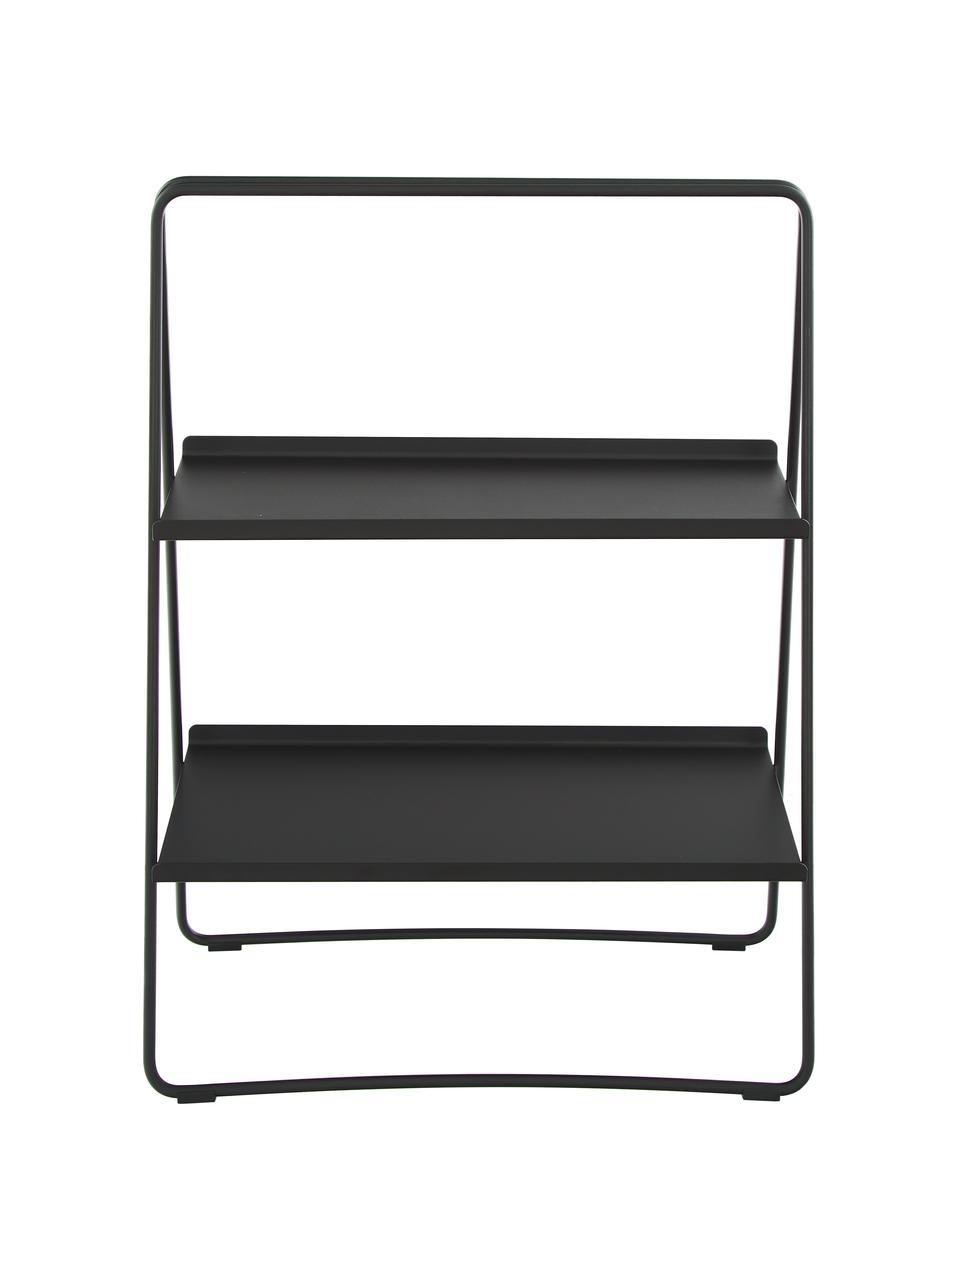 Regał drabinkowy Aguina, Stal lakierowana, Czarny, S 53 x W 75 cm